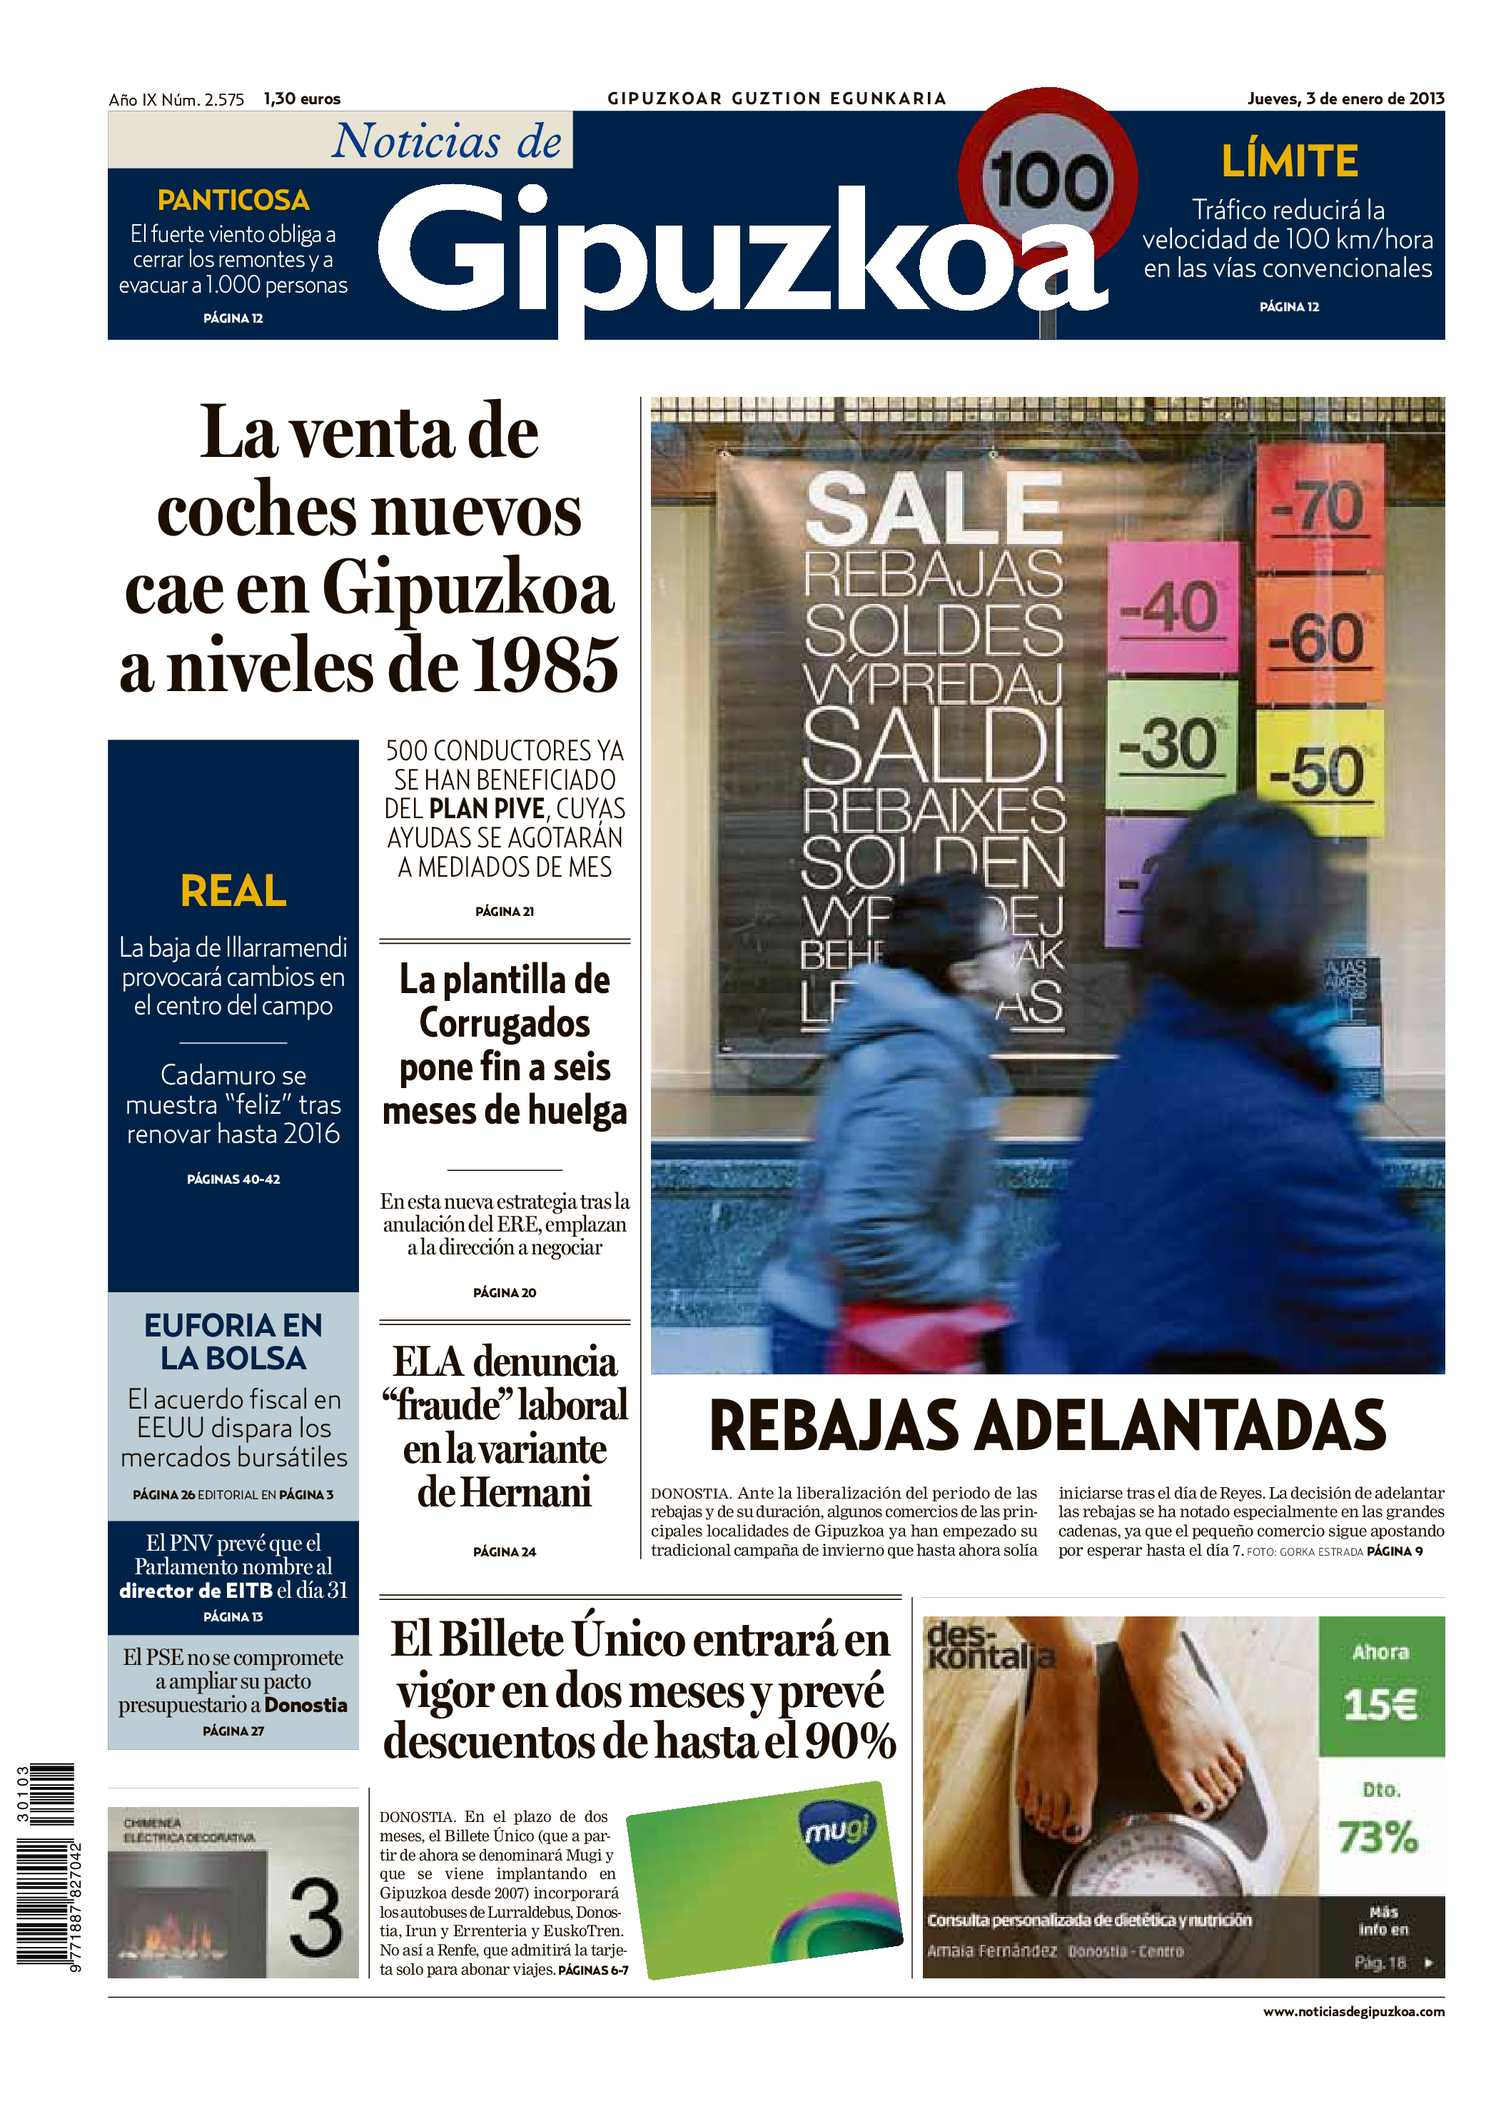 409f15de0bc2 Calaméo - Noticias de Gipuzkoa 20130103